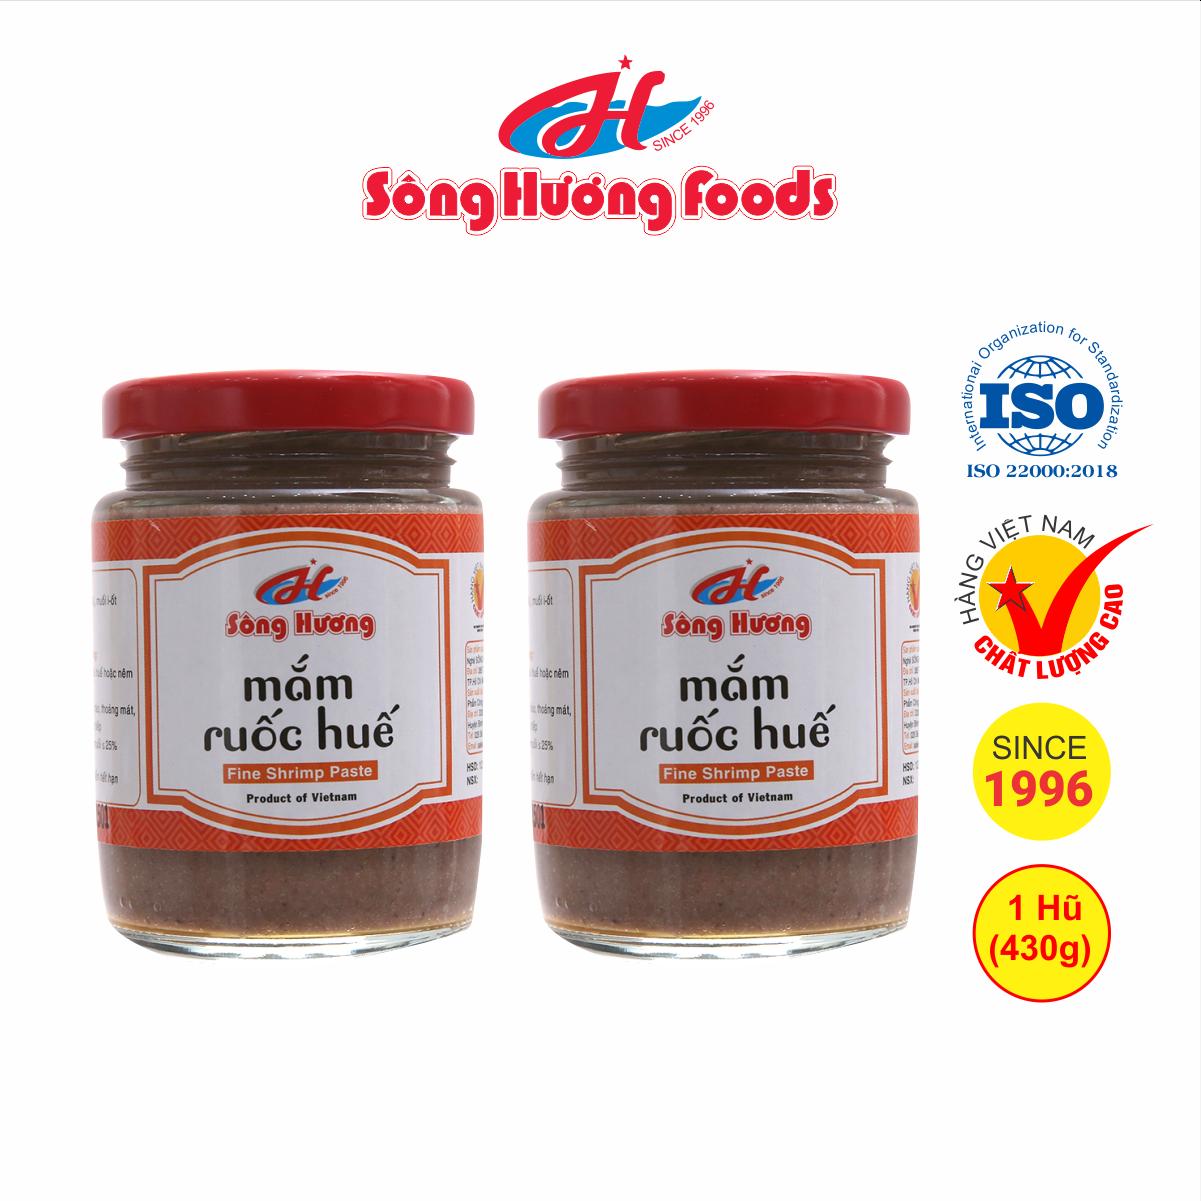 2 Hũ Mắm Ruốc Huế Sông Hương Foods Hũ 430g